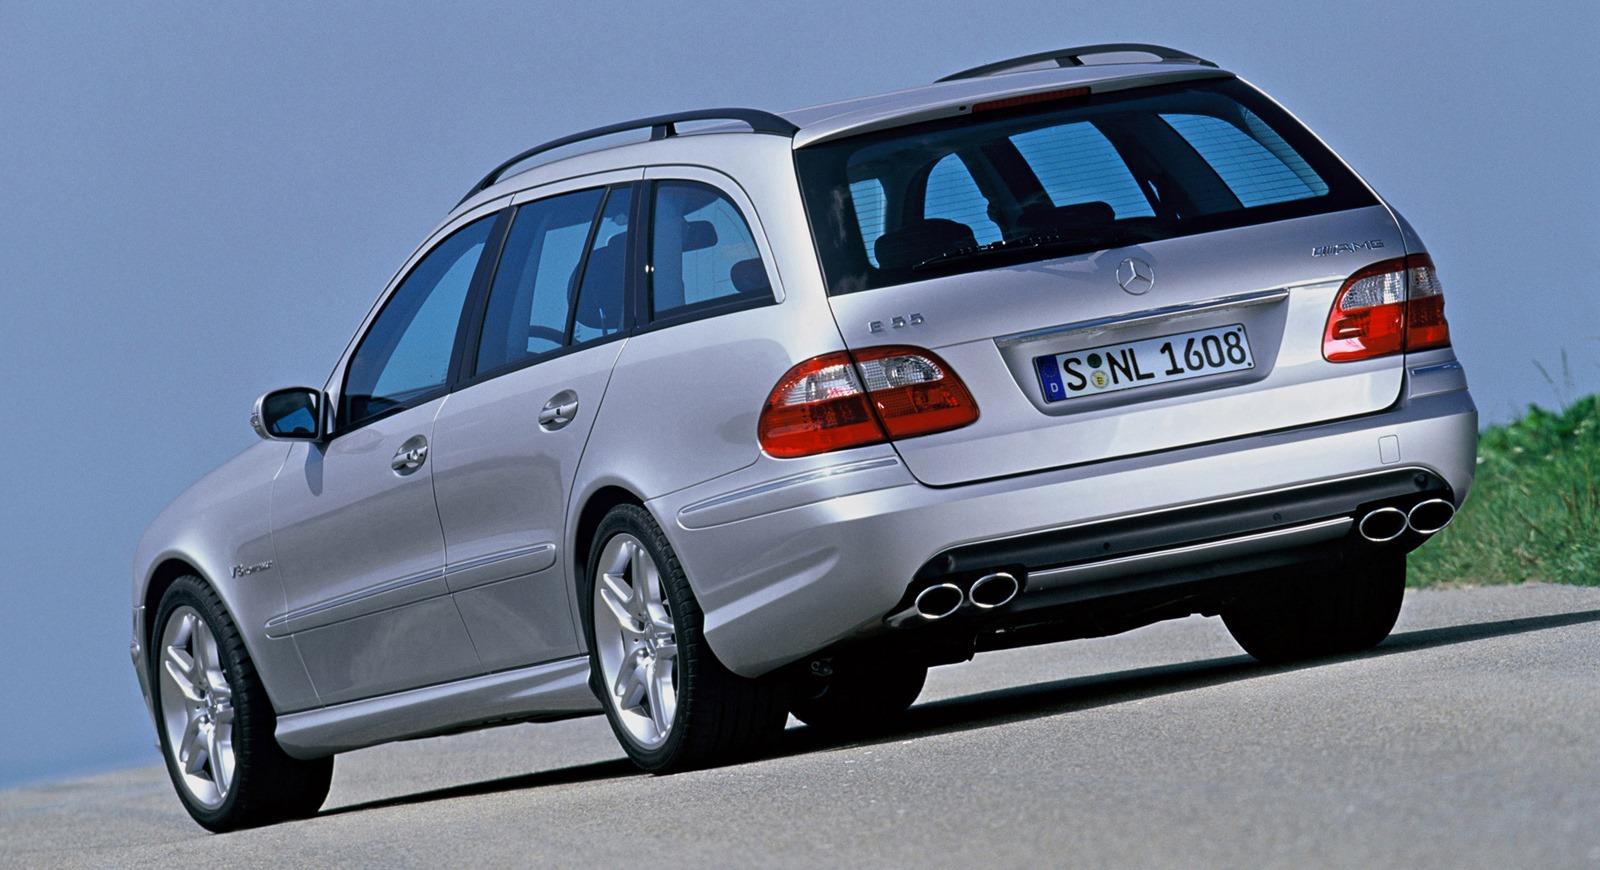 Mercedes Benz S211 E55 AMG wagon